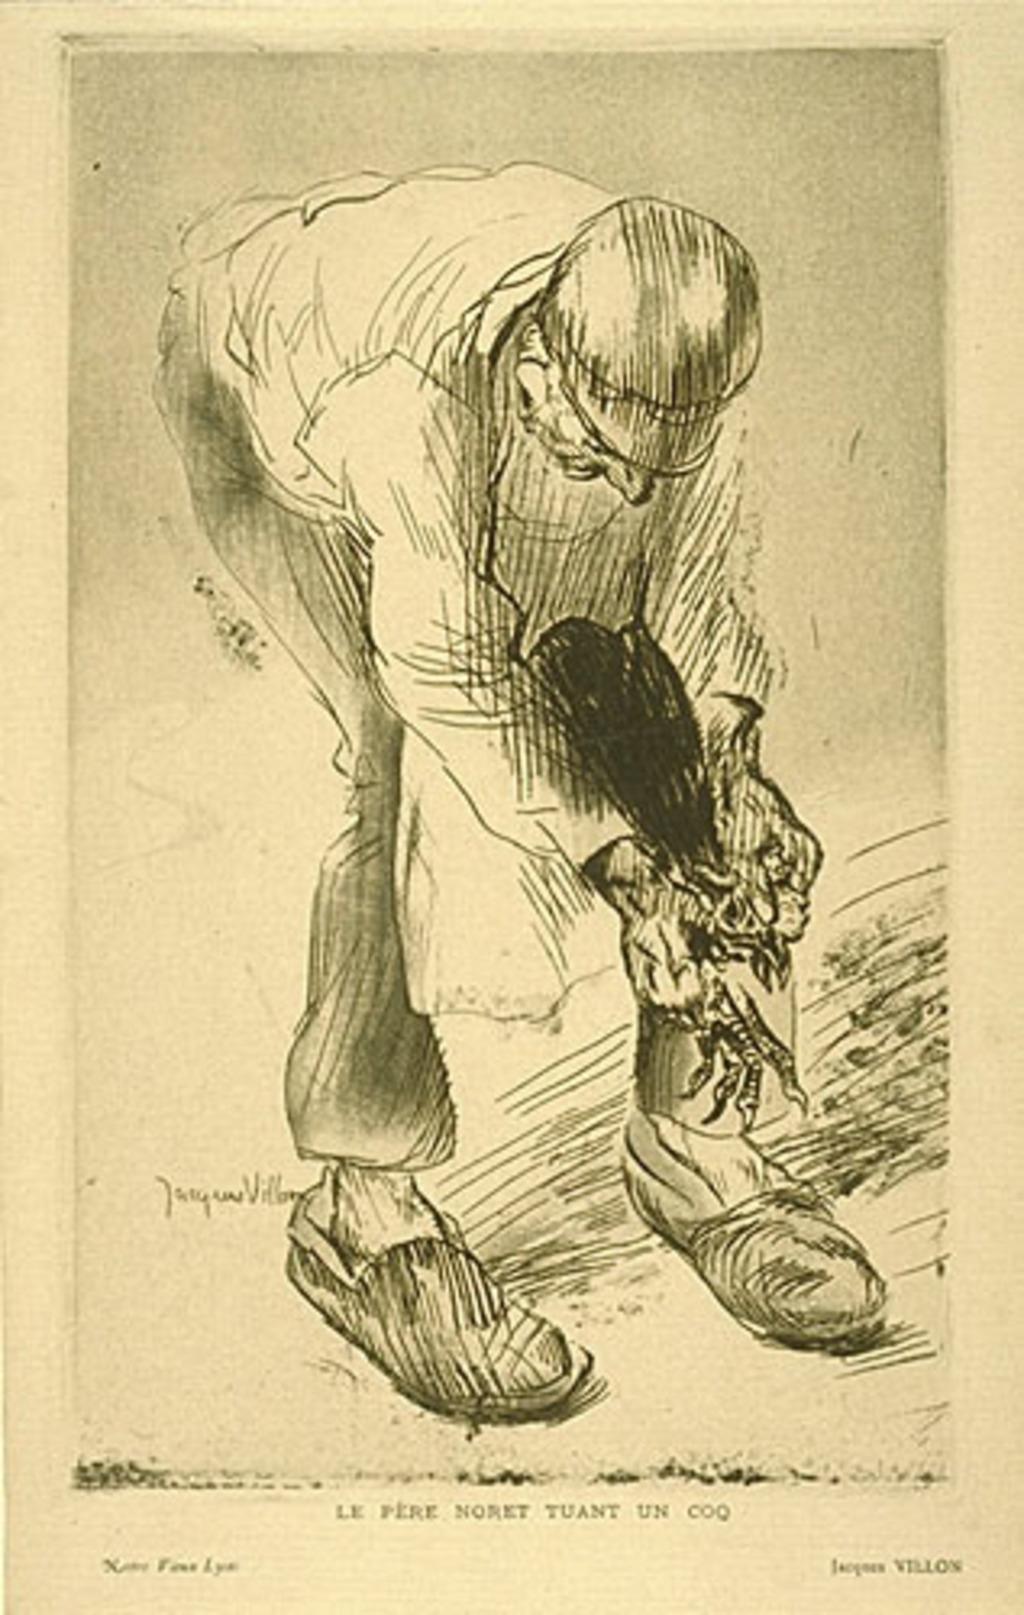 Le père Noret tuant un coq